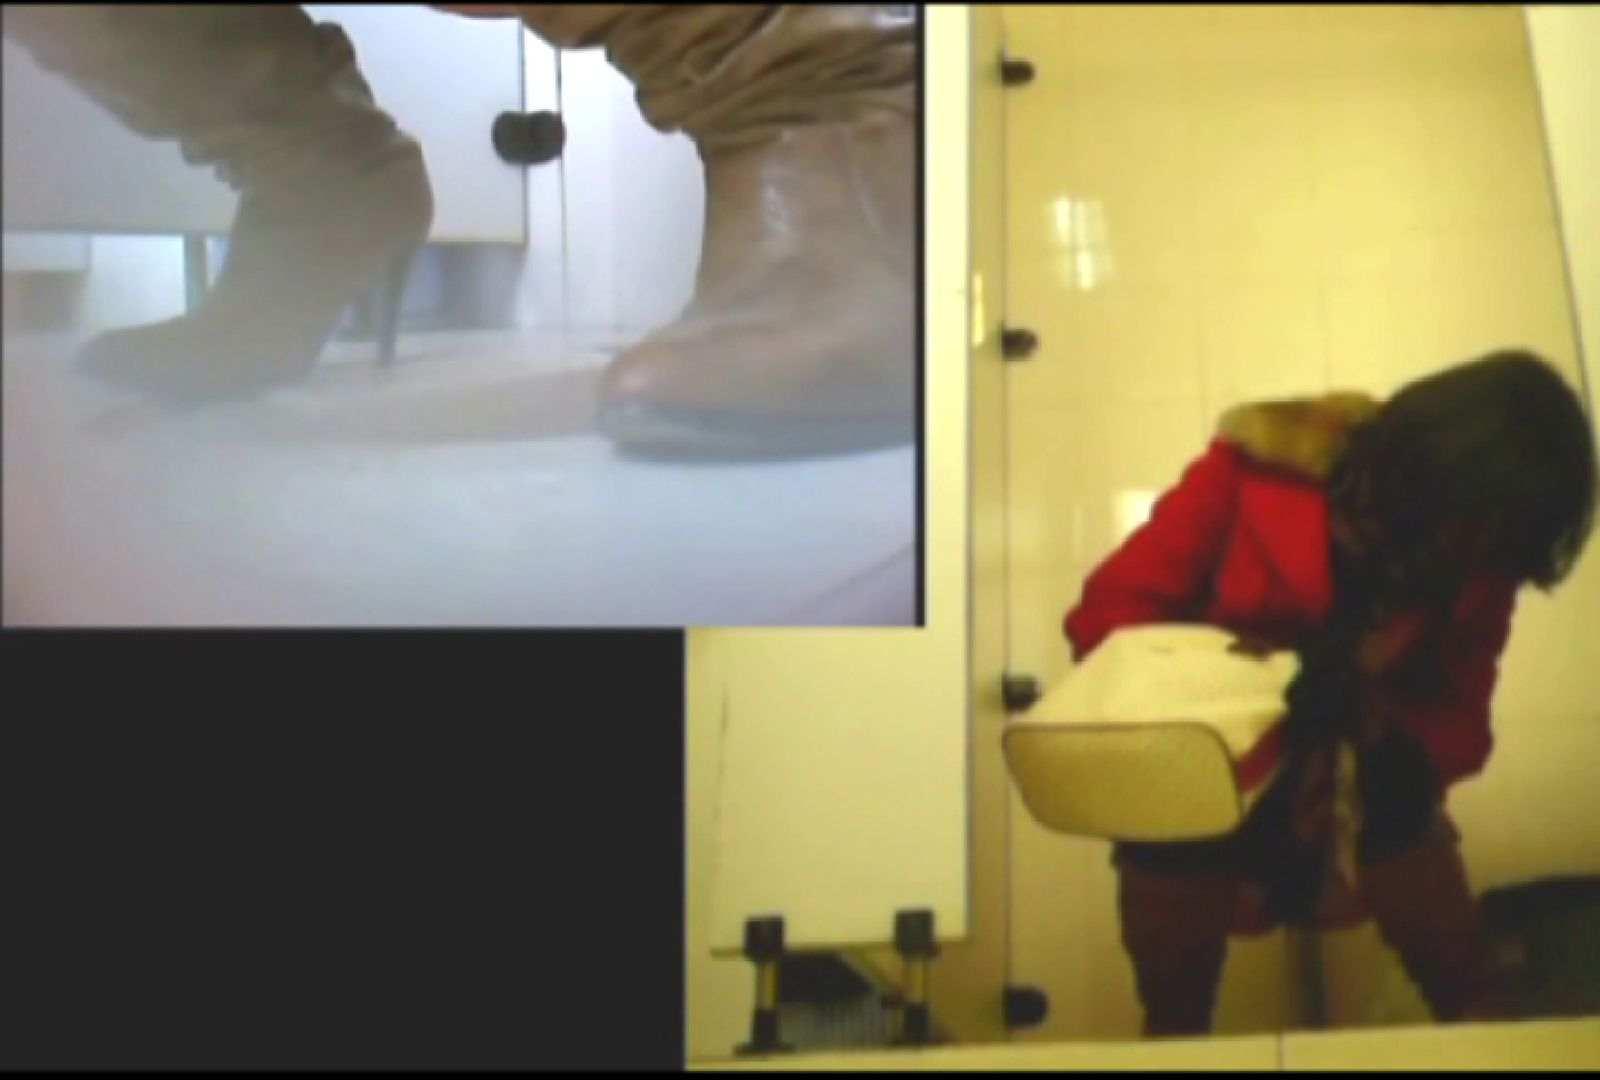 洗面所で暗躍する撮師たちの潜入記Vol.4 洗面所突入 エロ無料画像 107pic 18